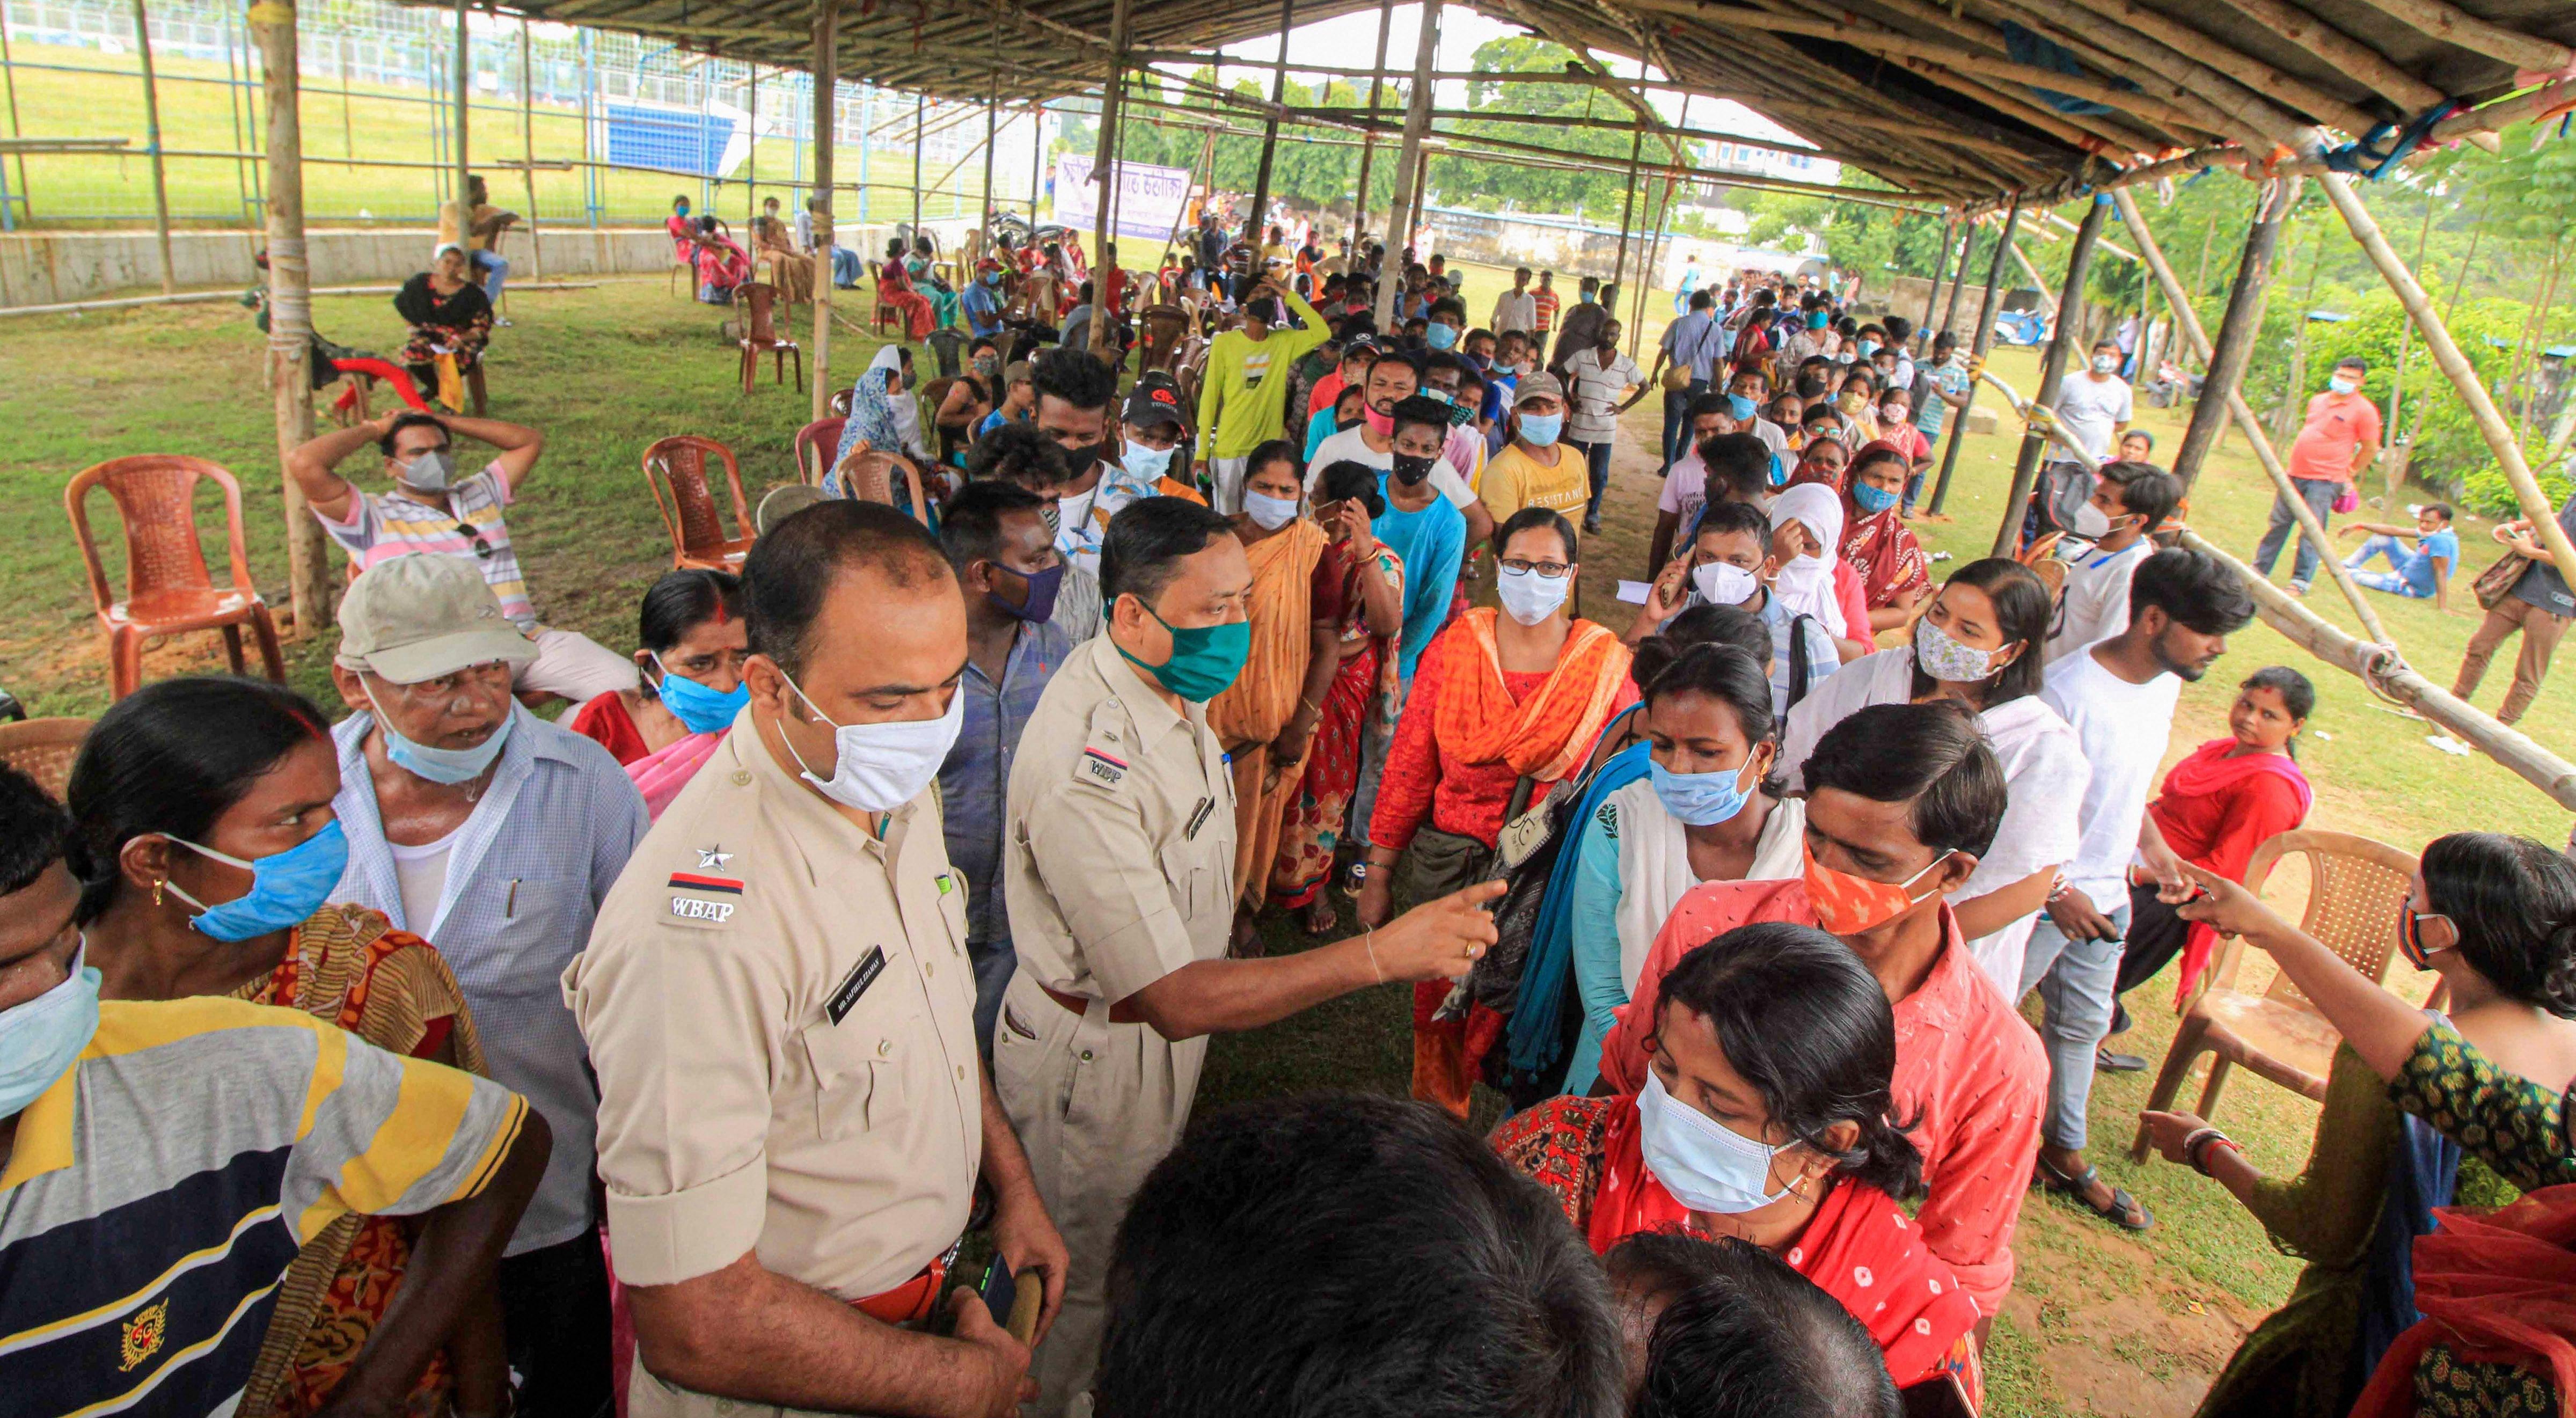 భారతదేశం అంతటా COVID-19 టీకా  డ్రైవ్